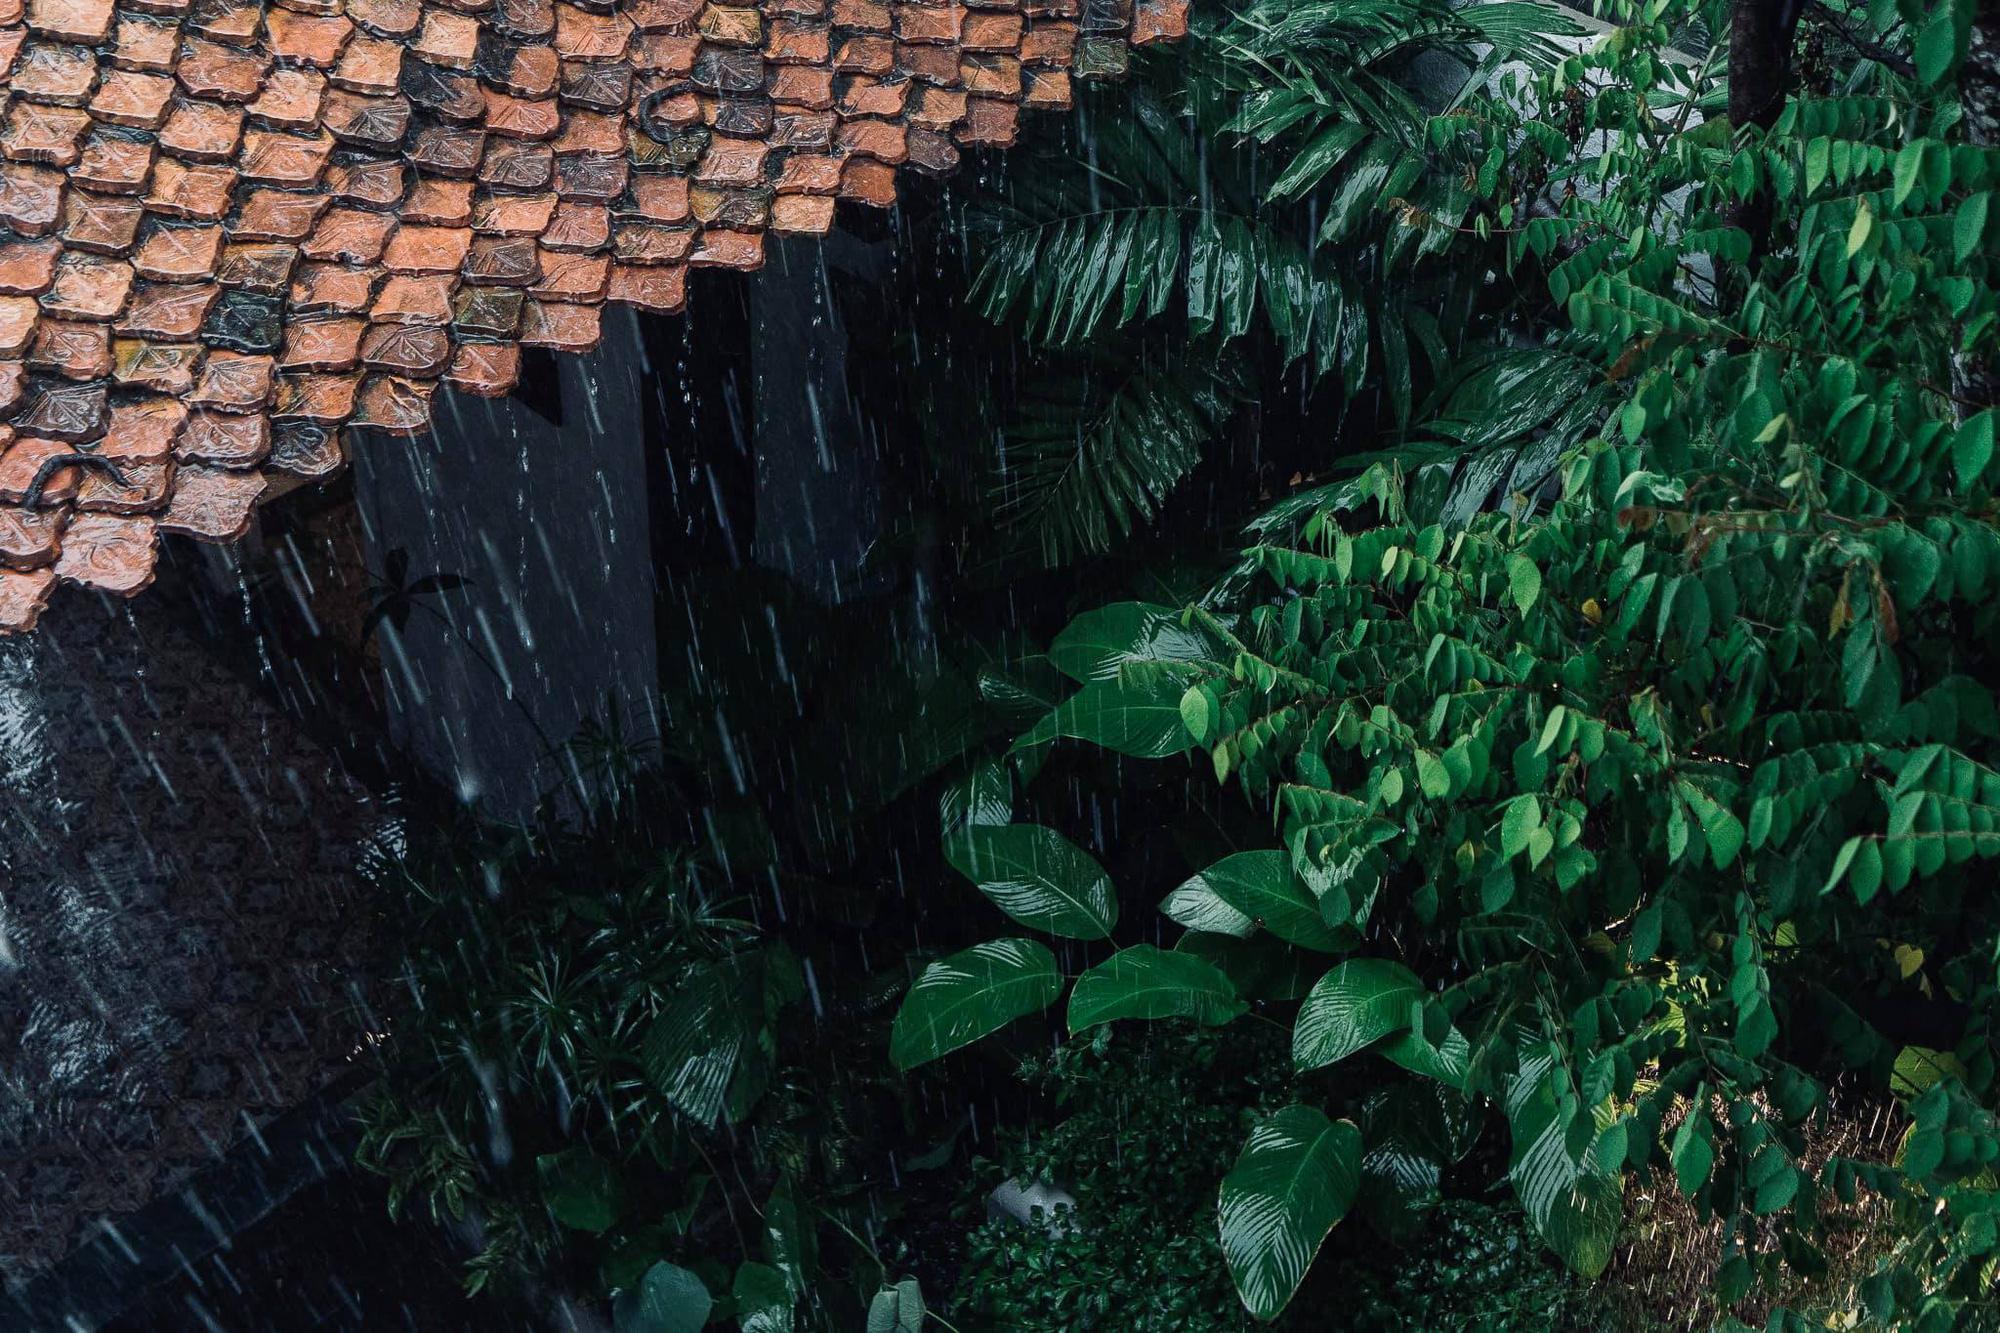 Ngôi nhà 400m2 tại Thảo Điền - Quận 2 được thiết kế từ ngôi biệt thự cổ, không gian thiên nhiên mê đắm lòng người - Ảnh 3.